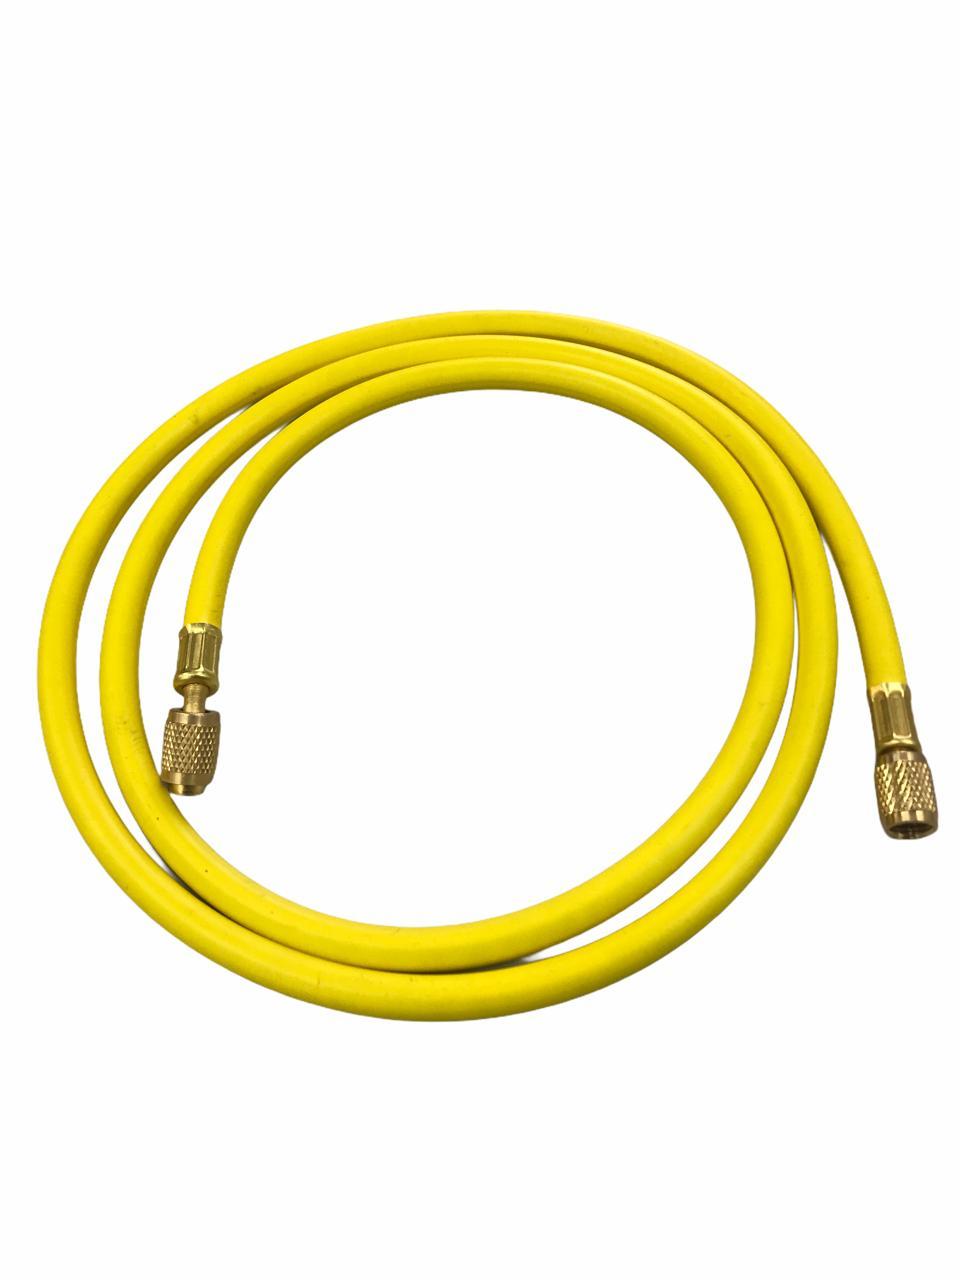 Mangueira Flexível 1,50M R22/R134 Amarela Coldpac